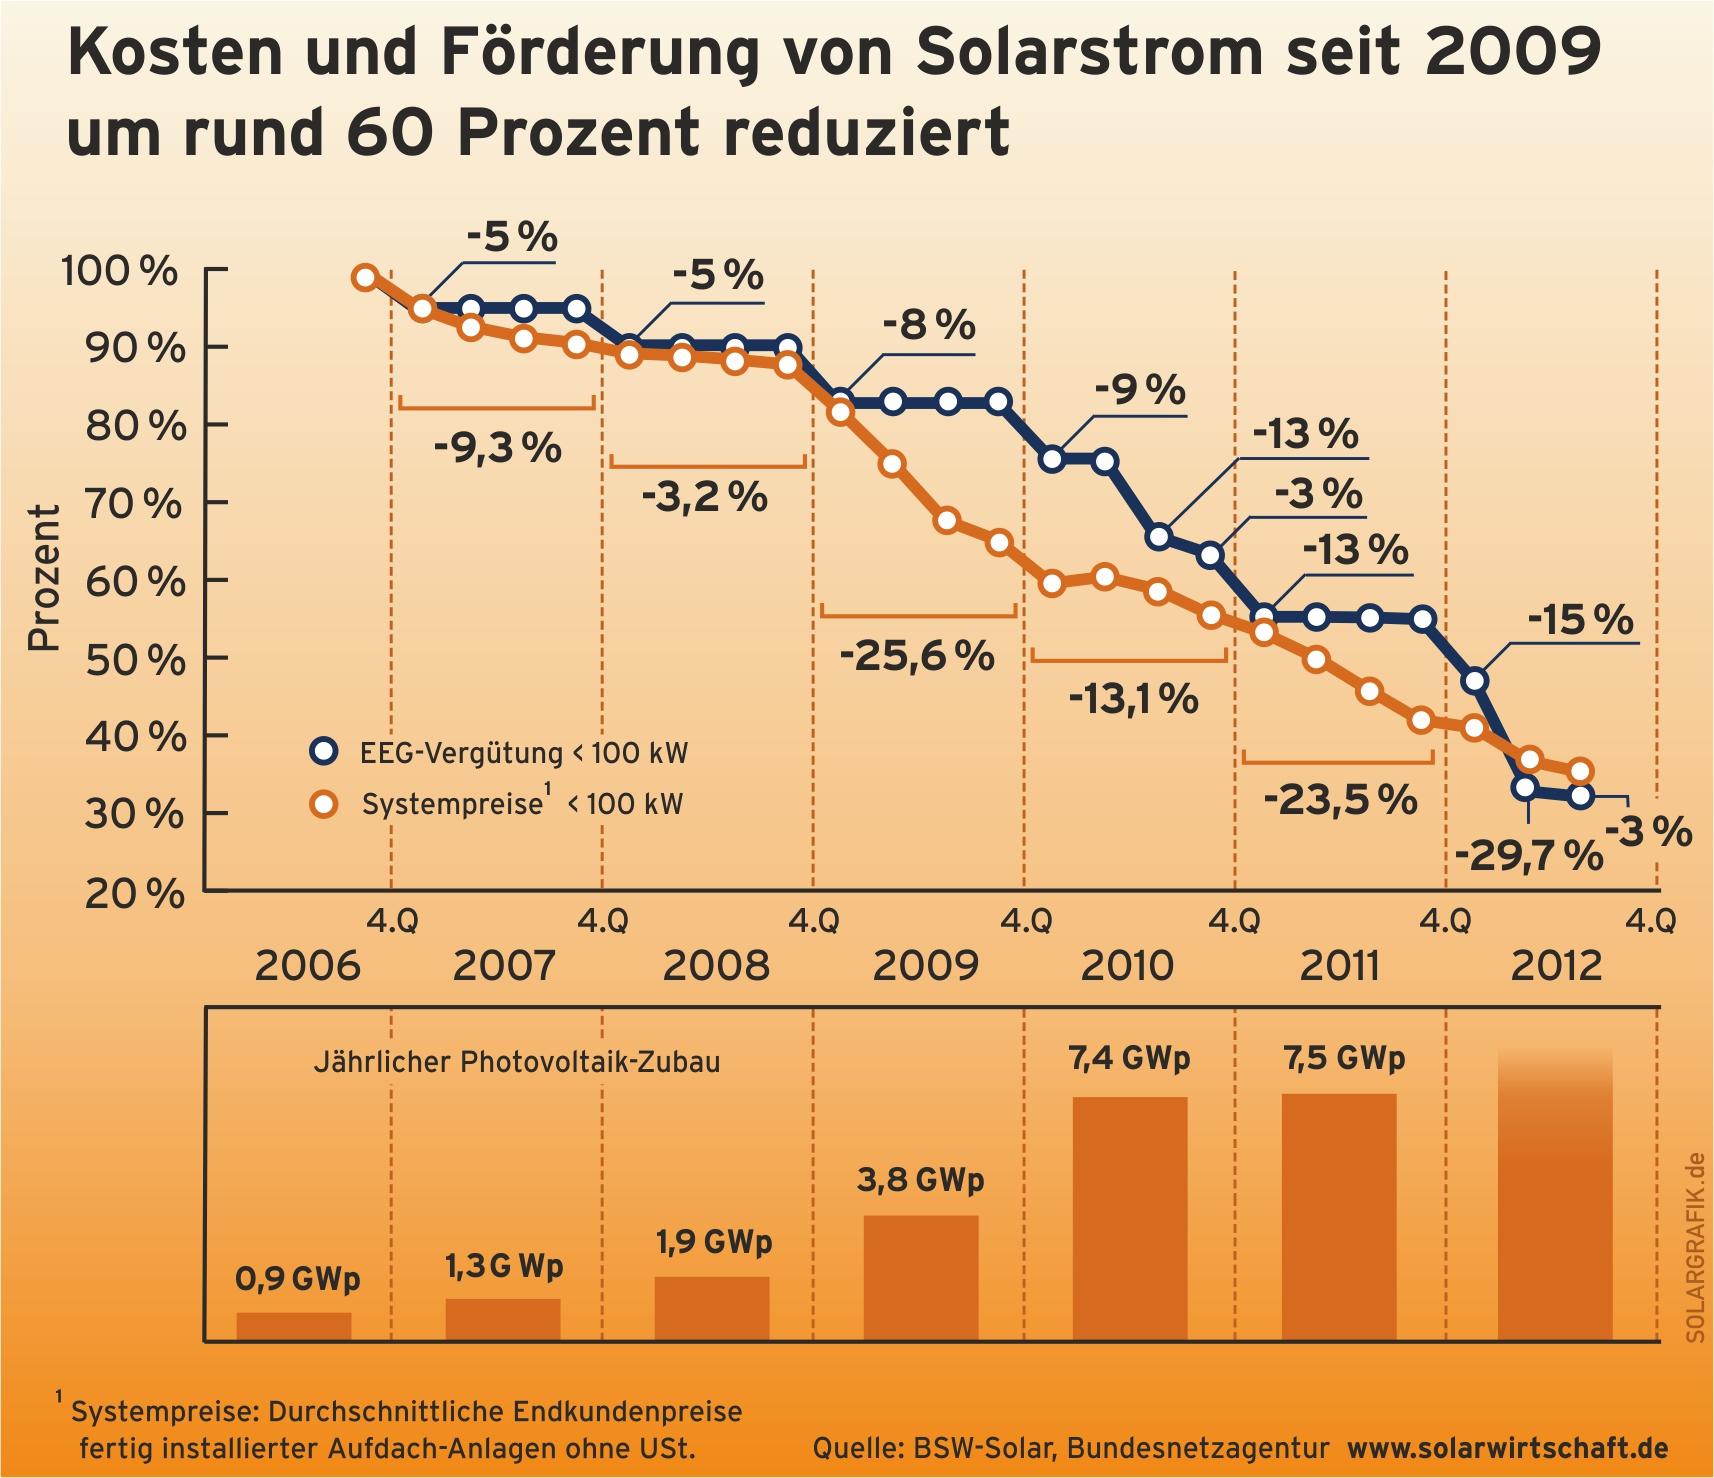 Kosten und Förderung von Solarstrom seit 2006, Quelle: BSW-Solar